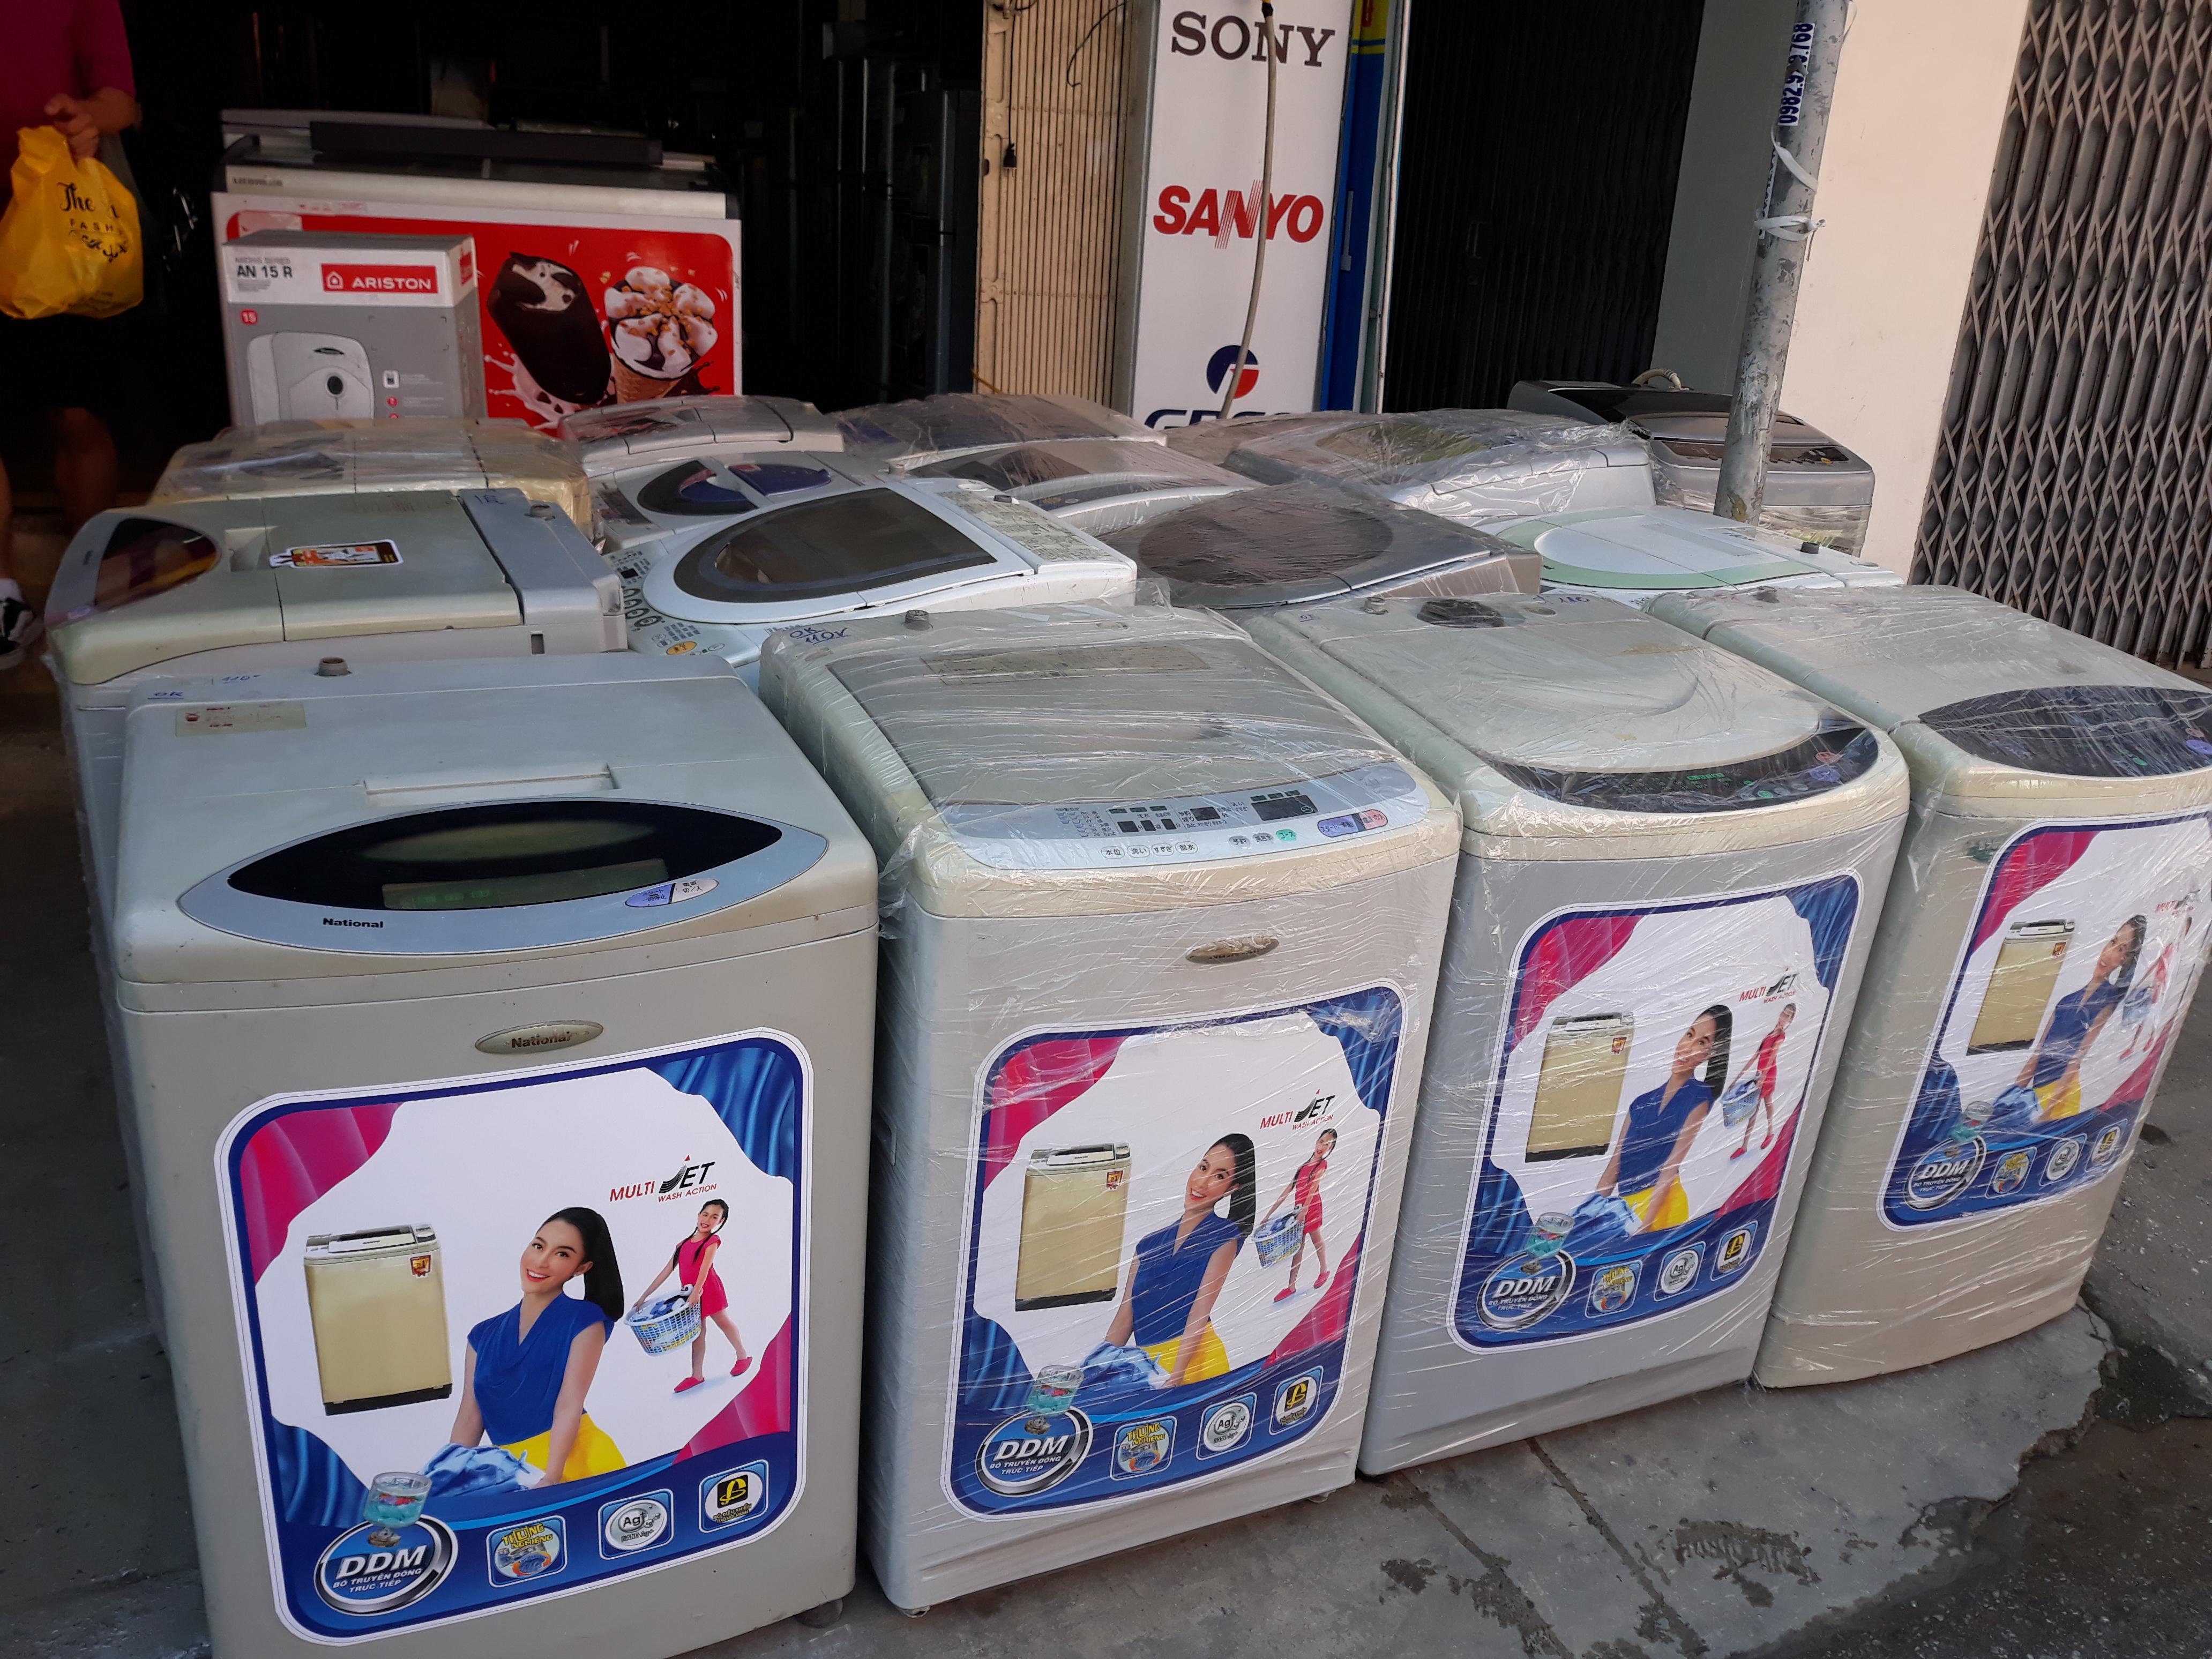 1 Thanh lý lô máy giặt giá buôn 1350k/máy (mua từ 5 máy)